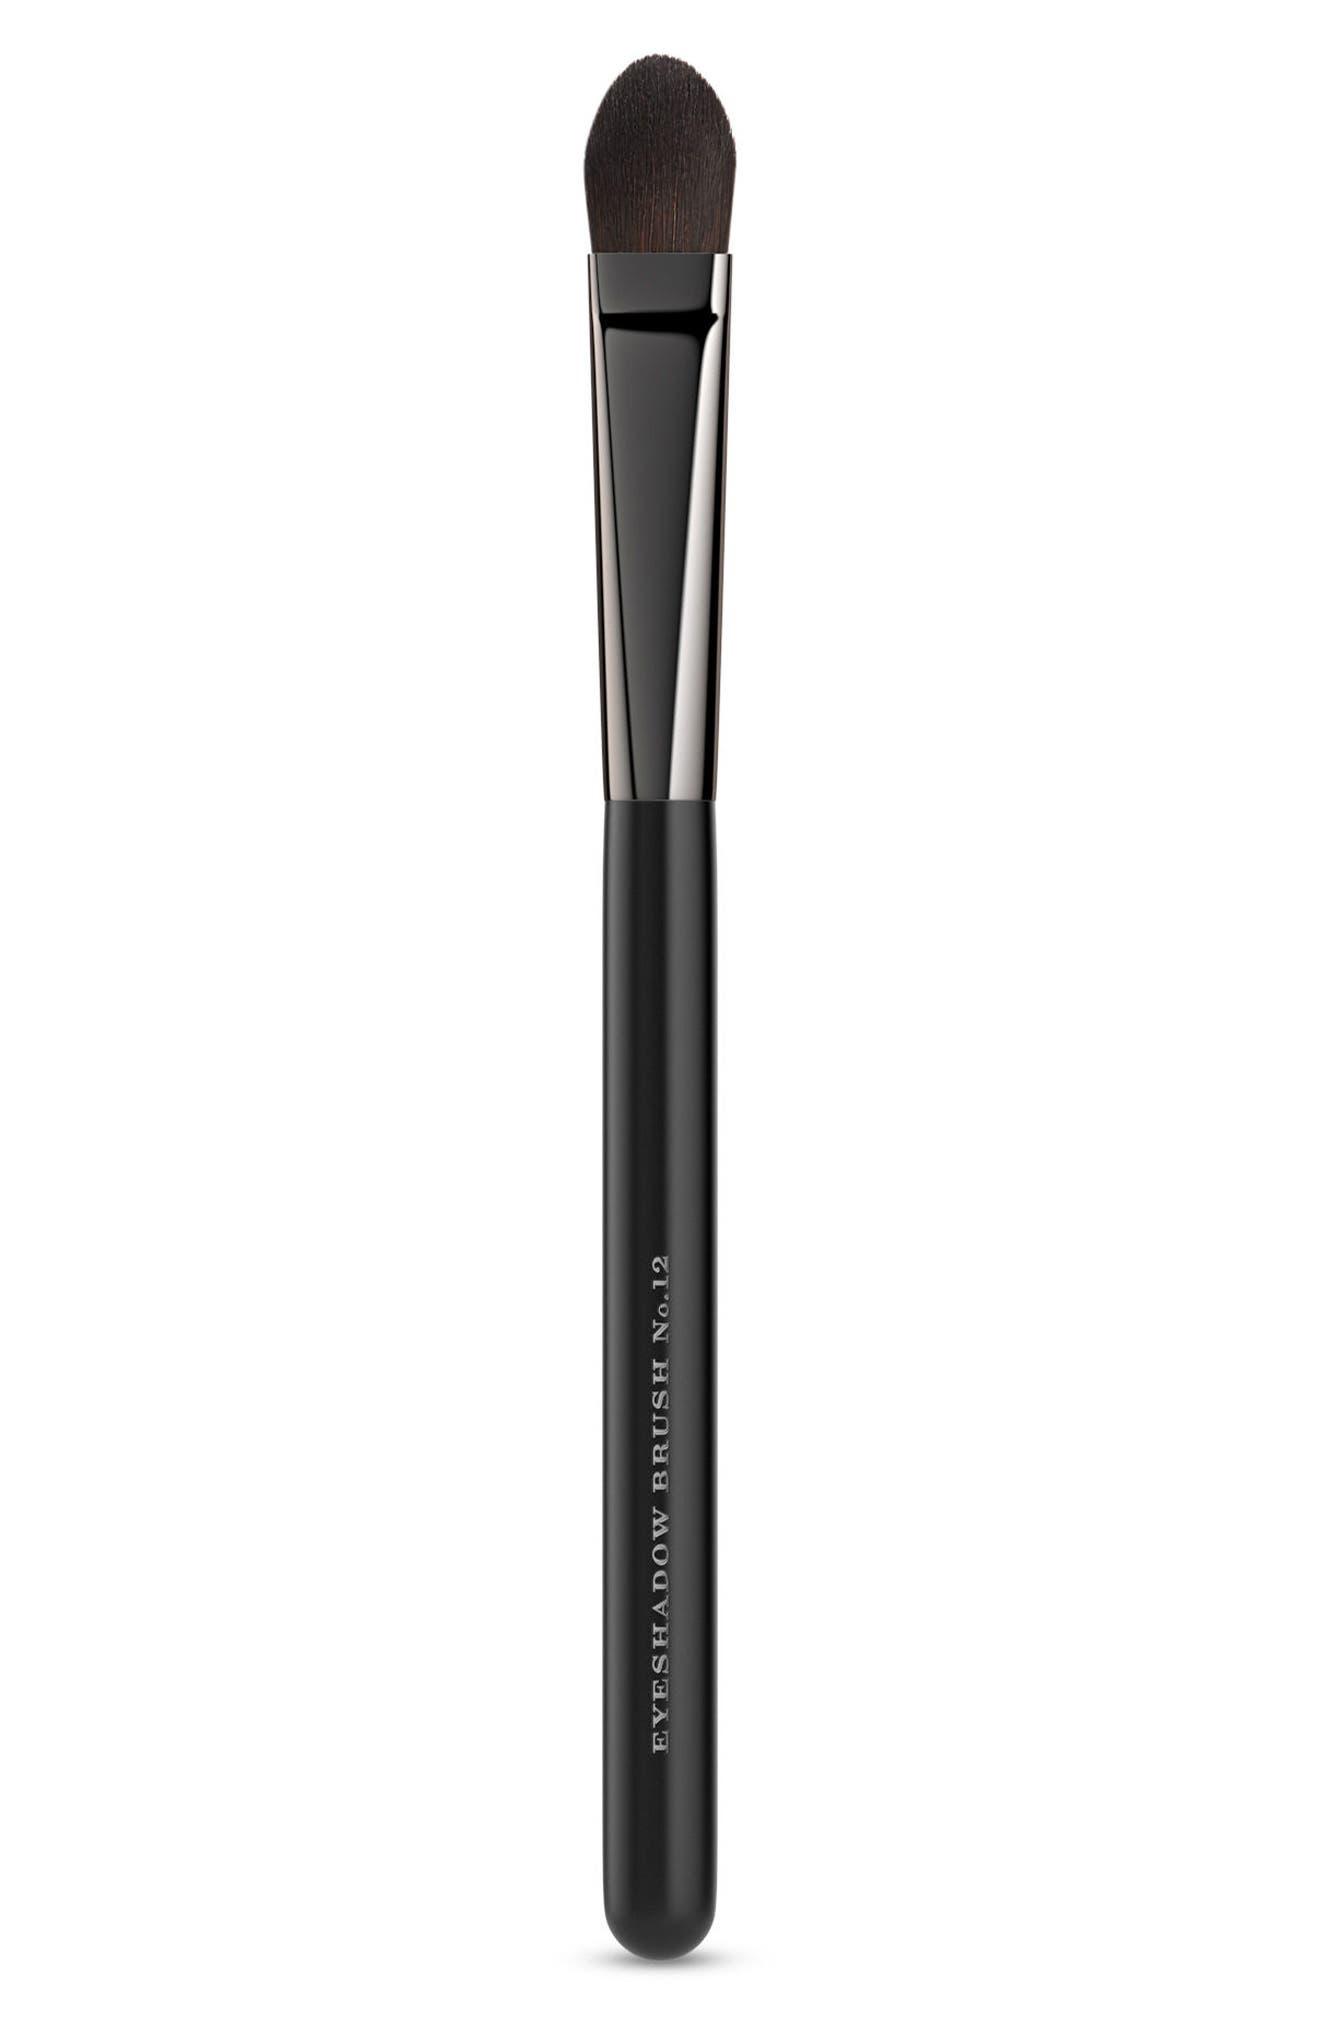 Medium Eyeshadow Brush No. 12,                             Main thumbnail 1, color,                             NO COLOR